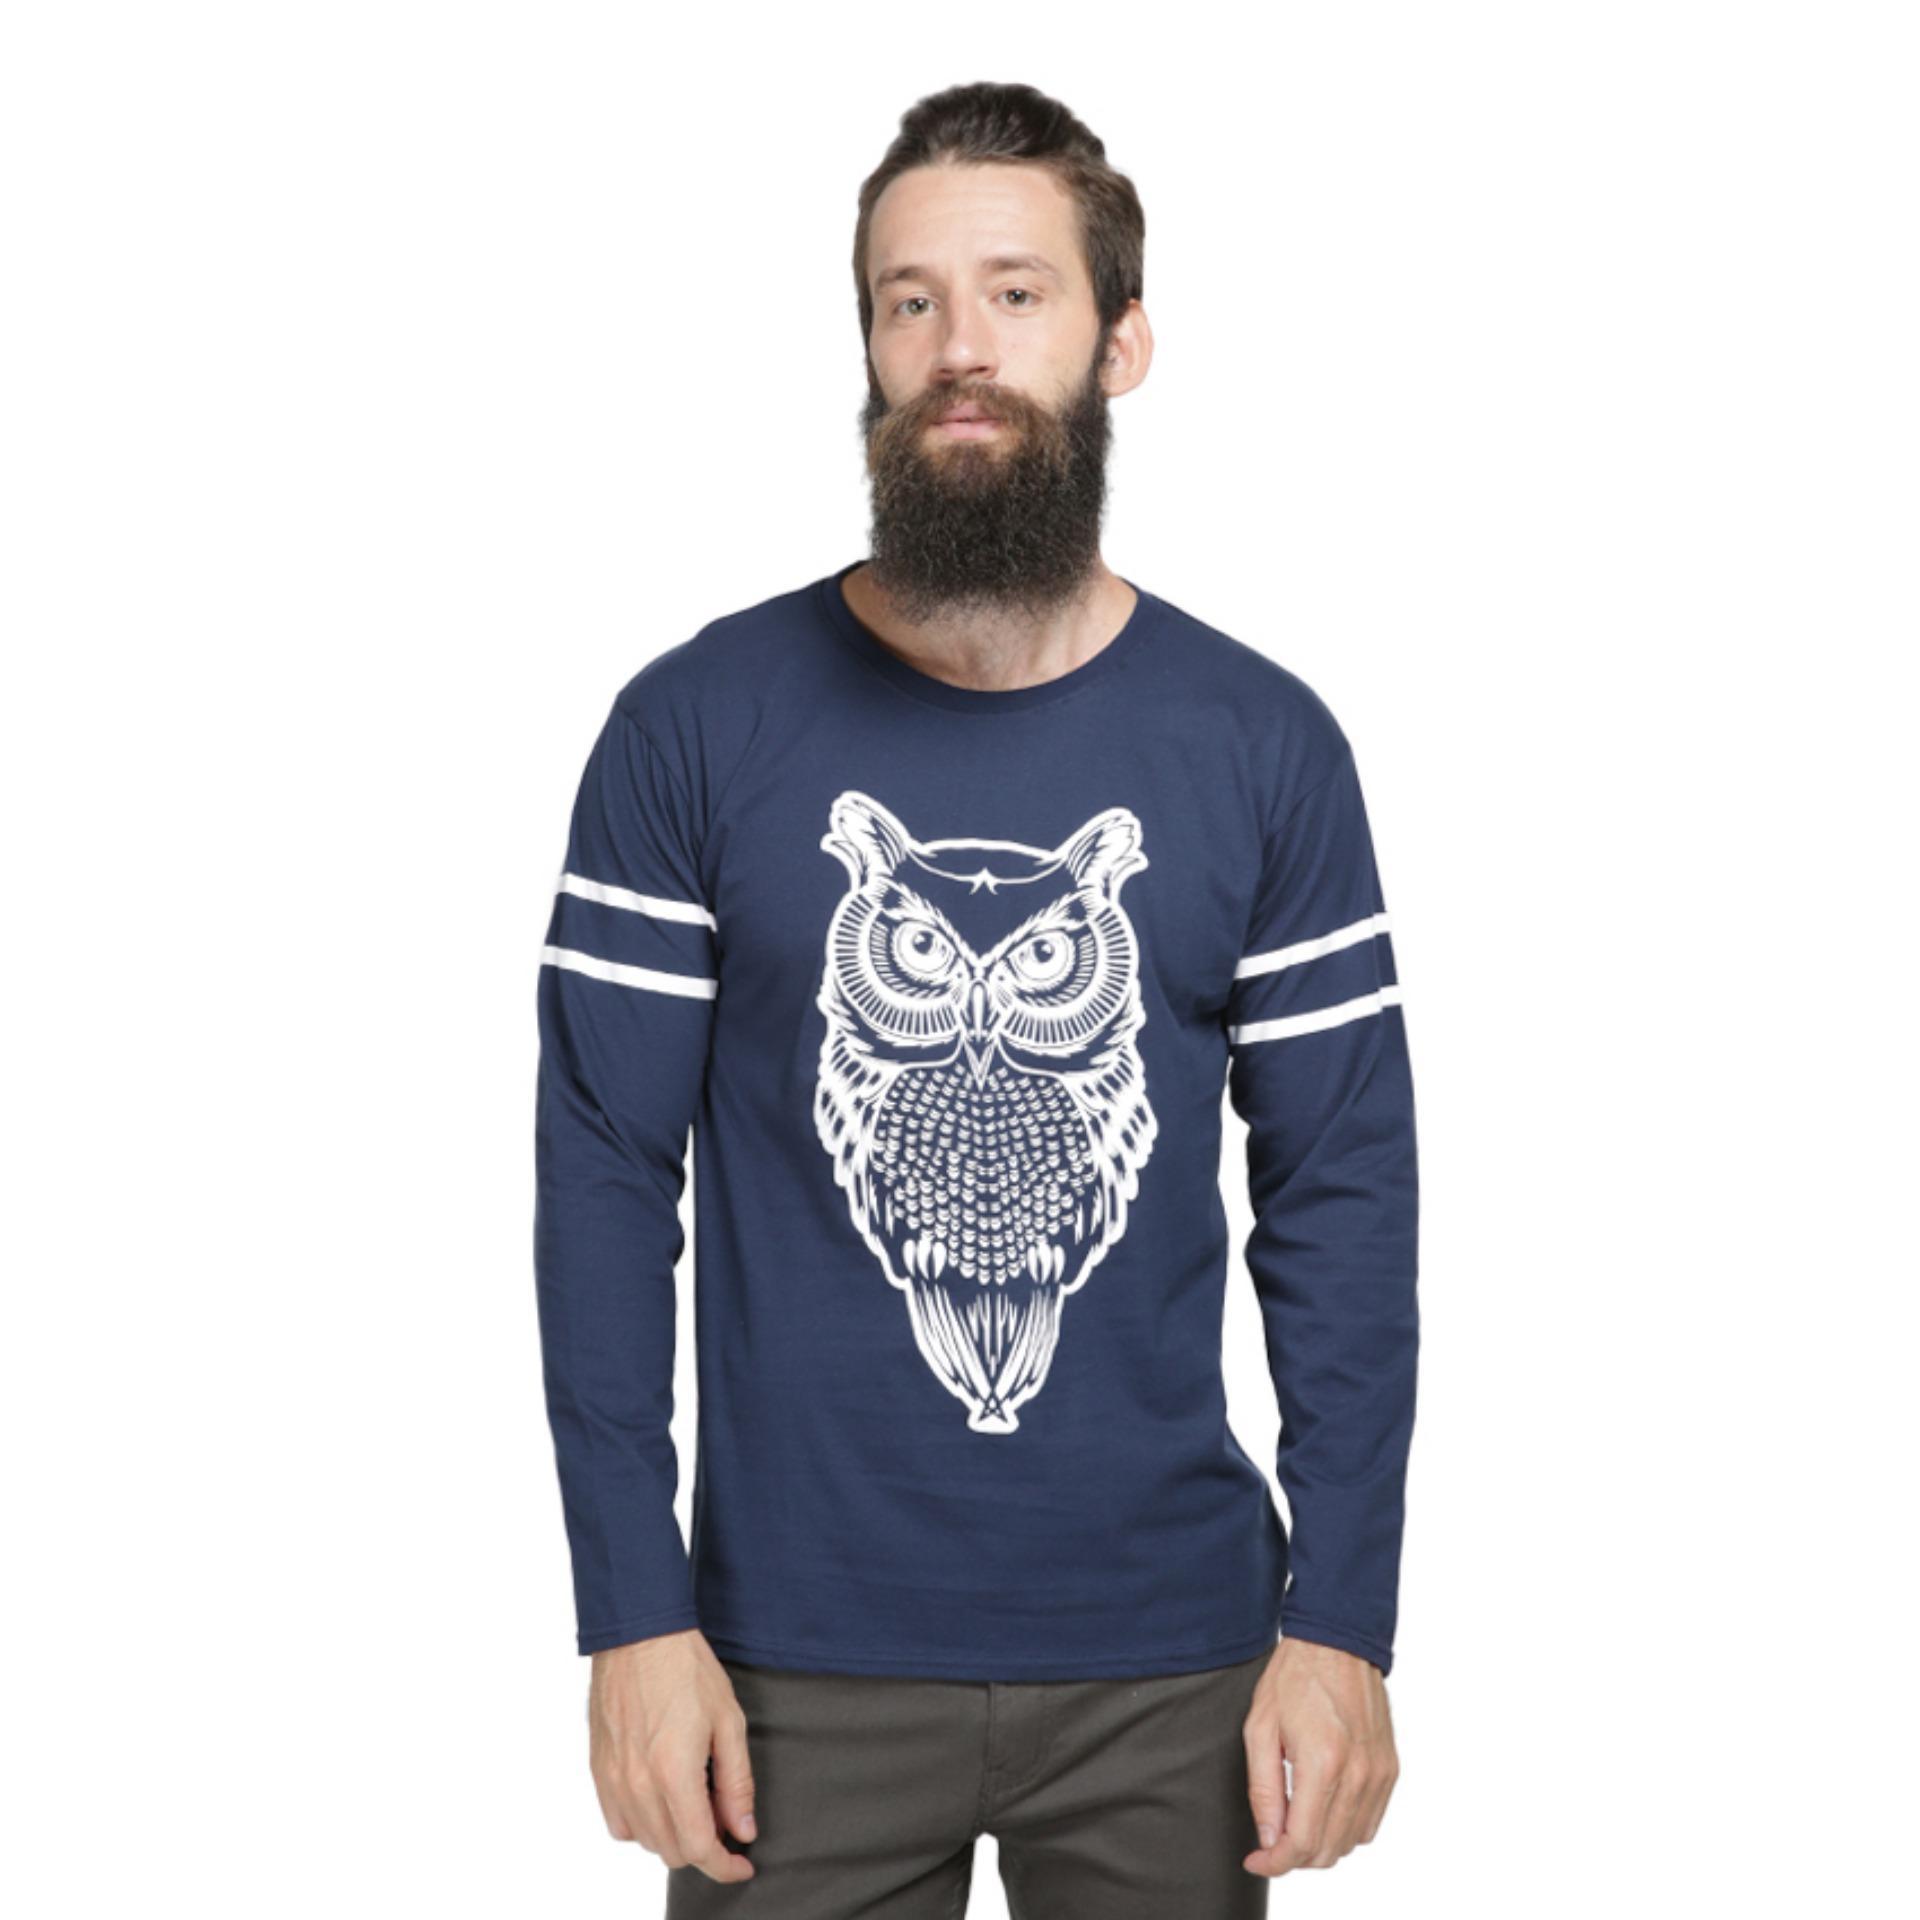 Vanwin - Kaos Distro Premium Pria Lengan Panjang Owl - Biru Navy